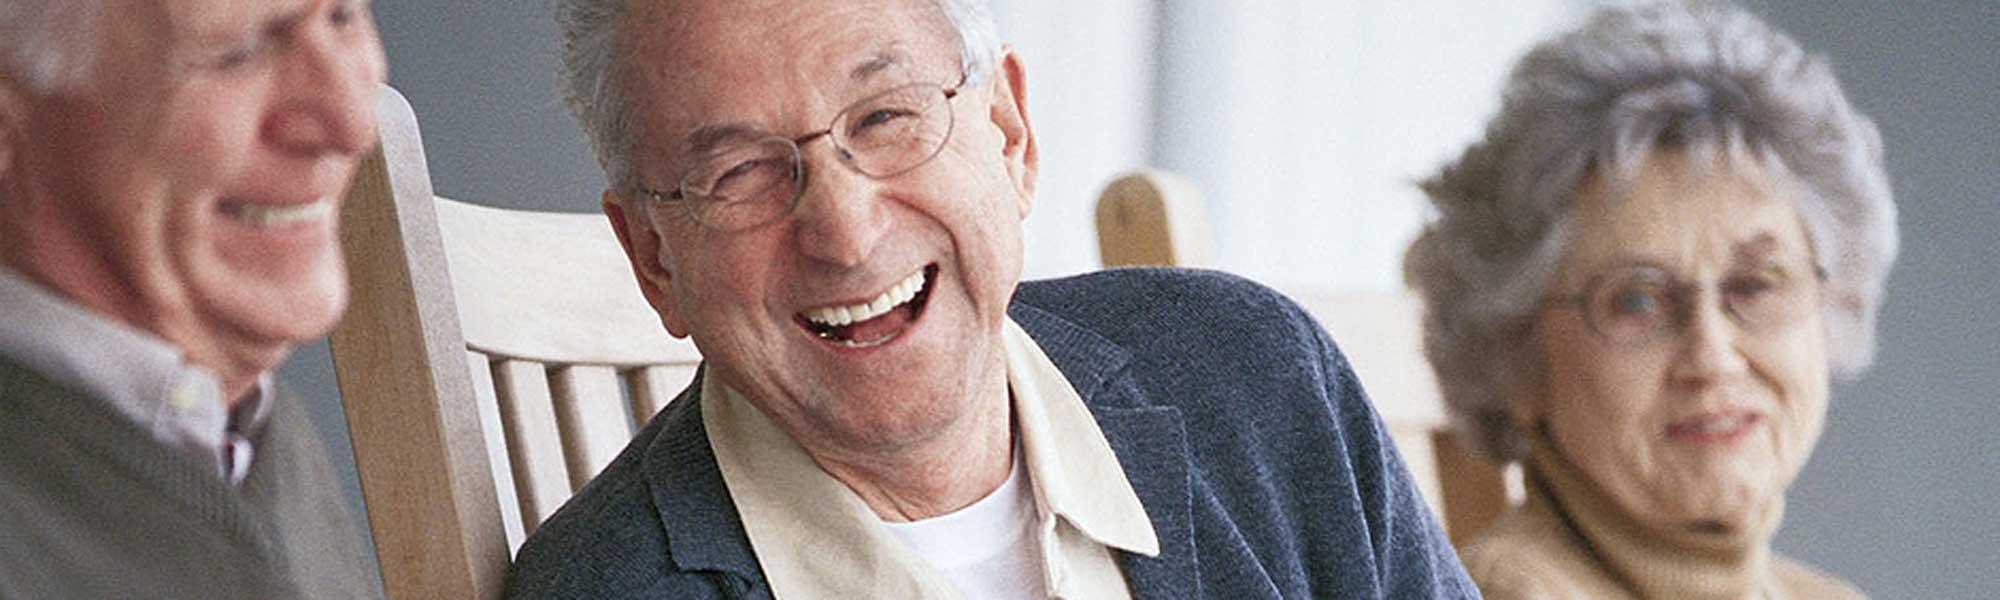 Elders Laughing